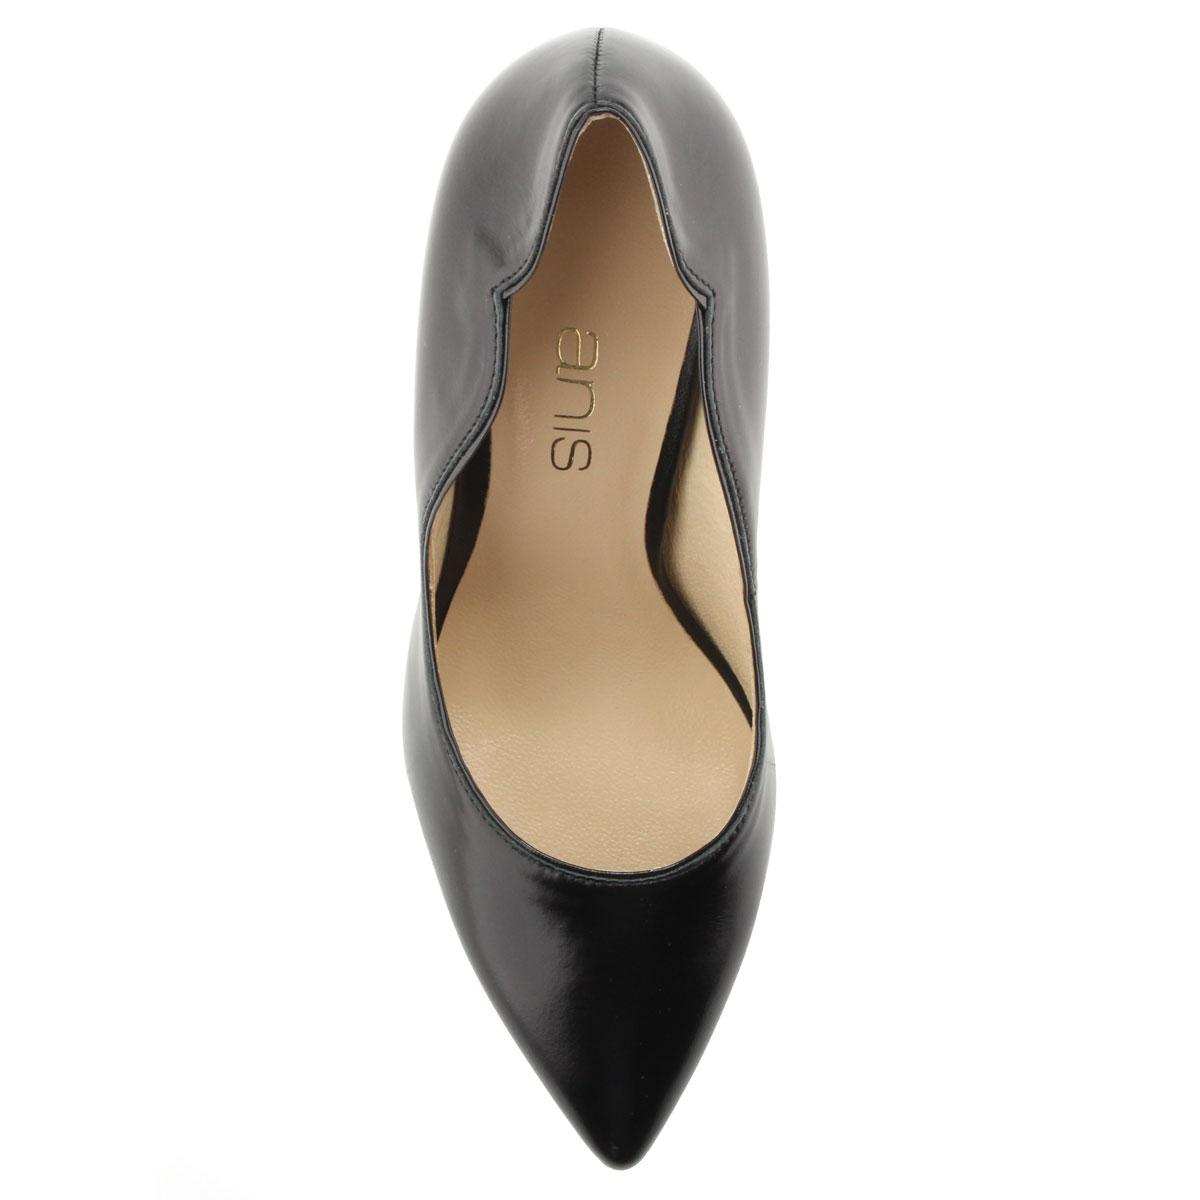 1f2a711e61 ... Anis magas sarkú bőr alkalmi cipő 9 cm magas sarokkal. A cipő  felsőrésze és bélése ...